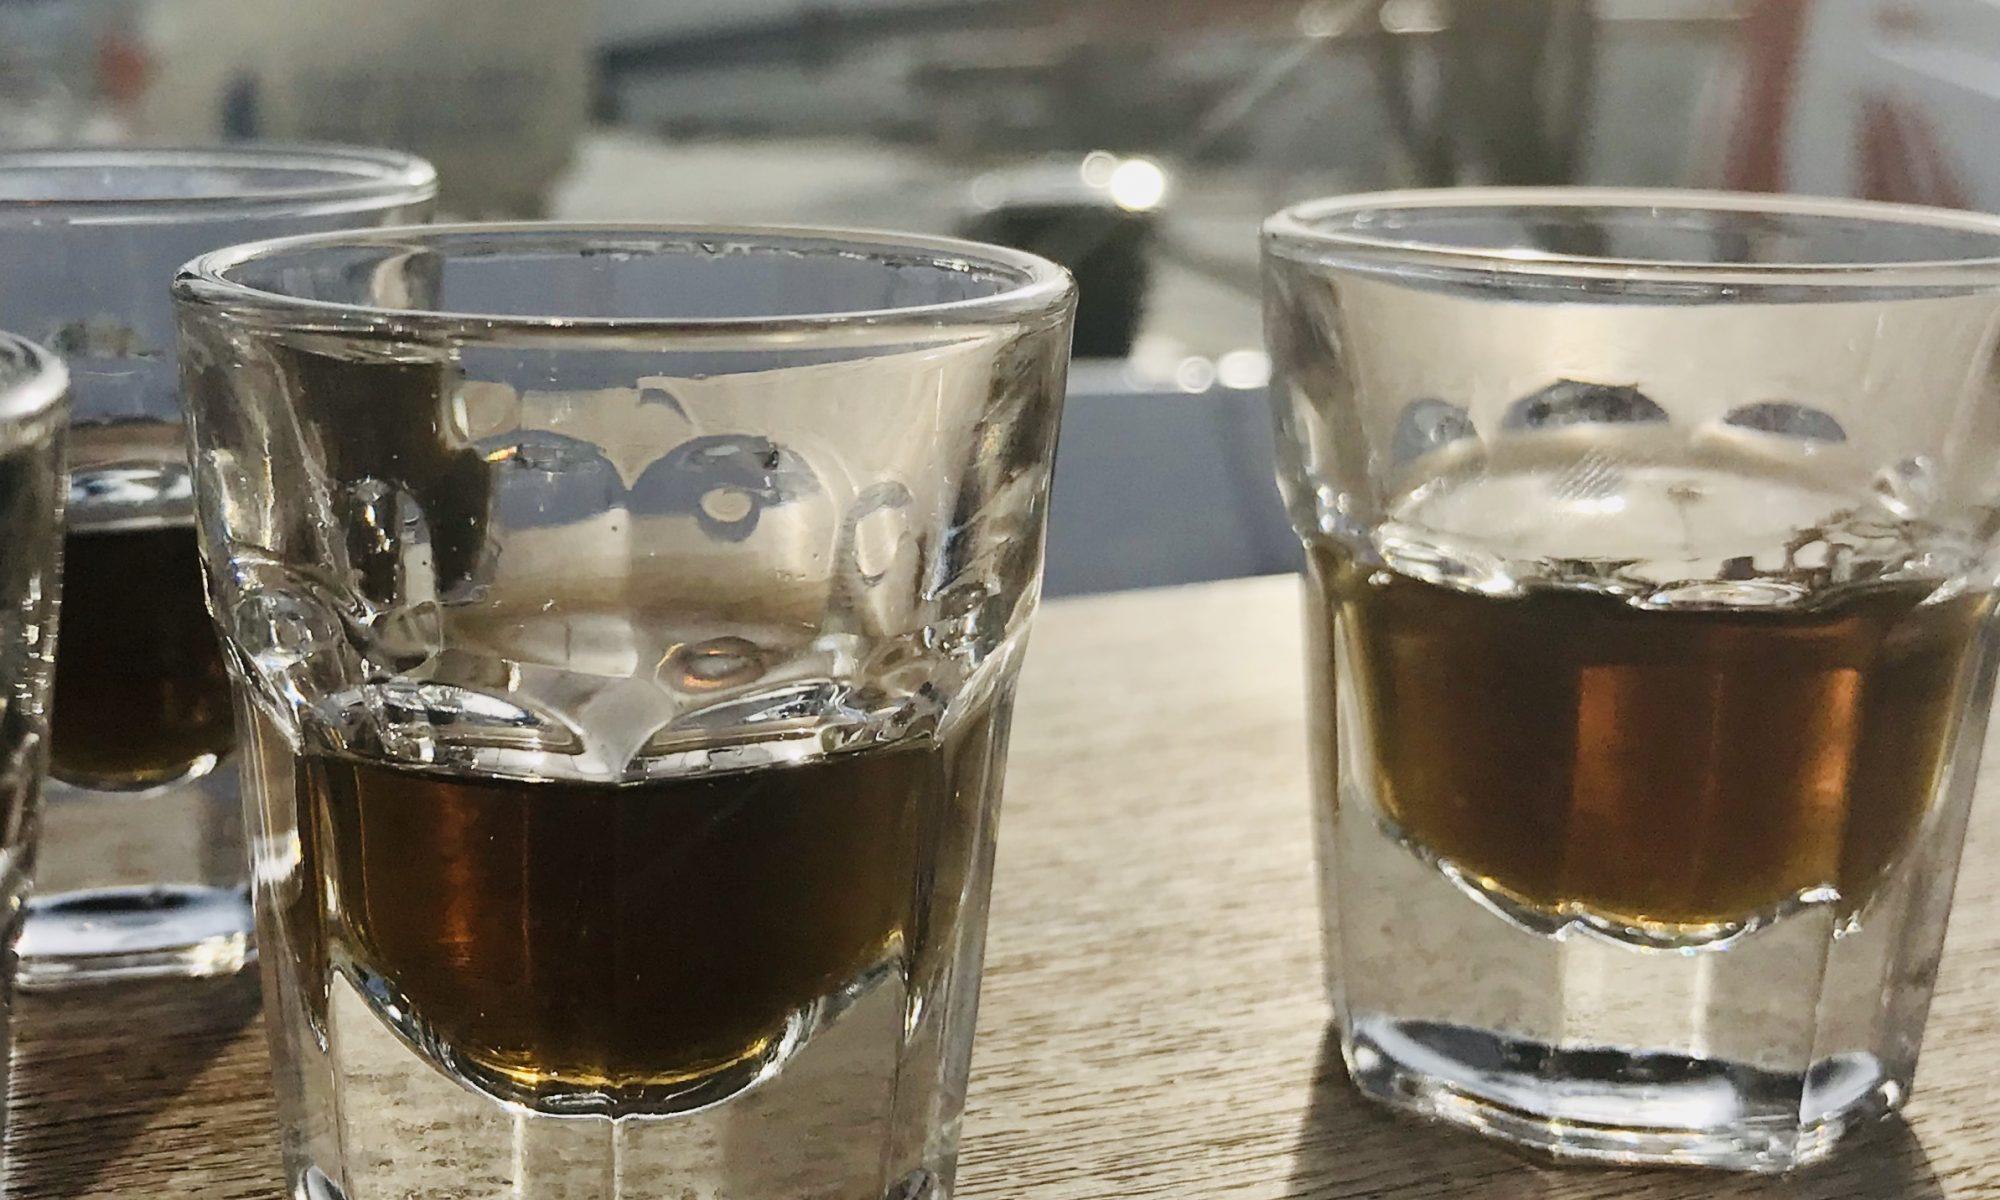 Black Hudson Geschenk mit Alkohol Werbegeschenk Freunde Essen Trinken Gesellschaft